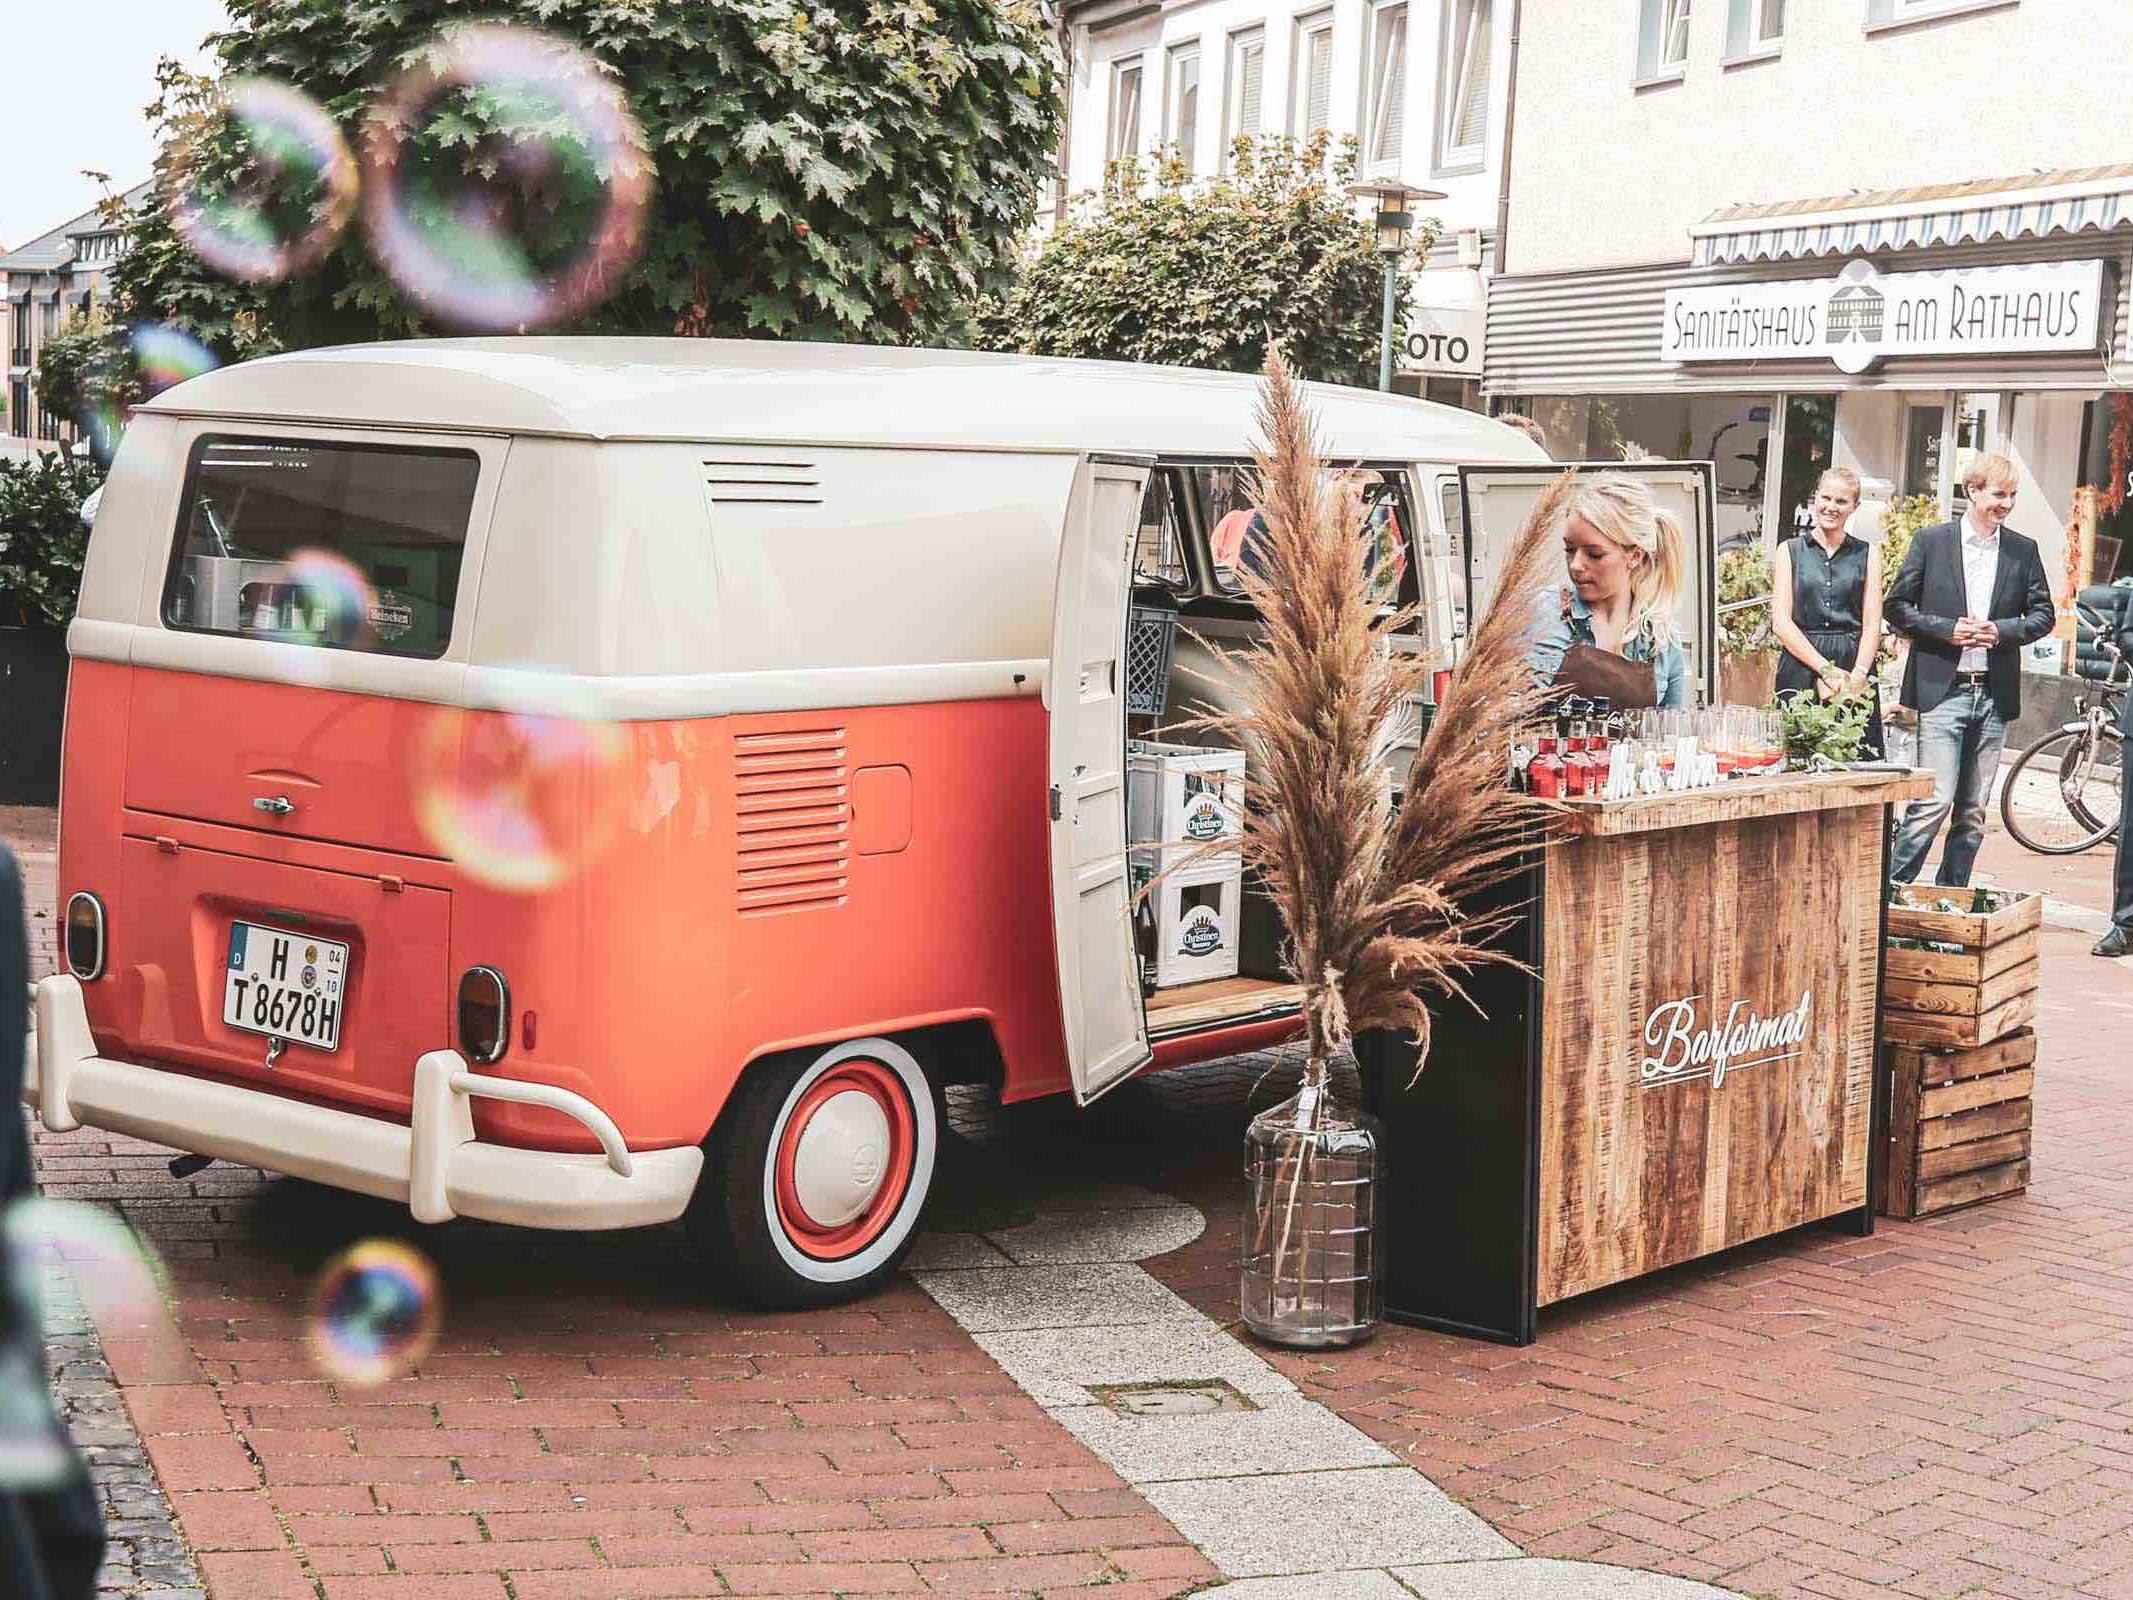 Mobile   Cocktailbar   Hochzeit   Hamburg   Sektempfang   Barkeeper   Mieten   Geburtstag   Ape   VW   Bar   Getränke   Catering   Foodtruck   Weinbar   Ginbar   Sektbar   Kaffeebar   Hamburgfeiert